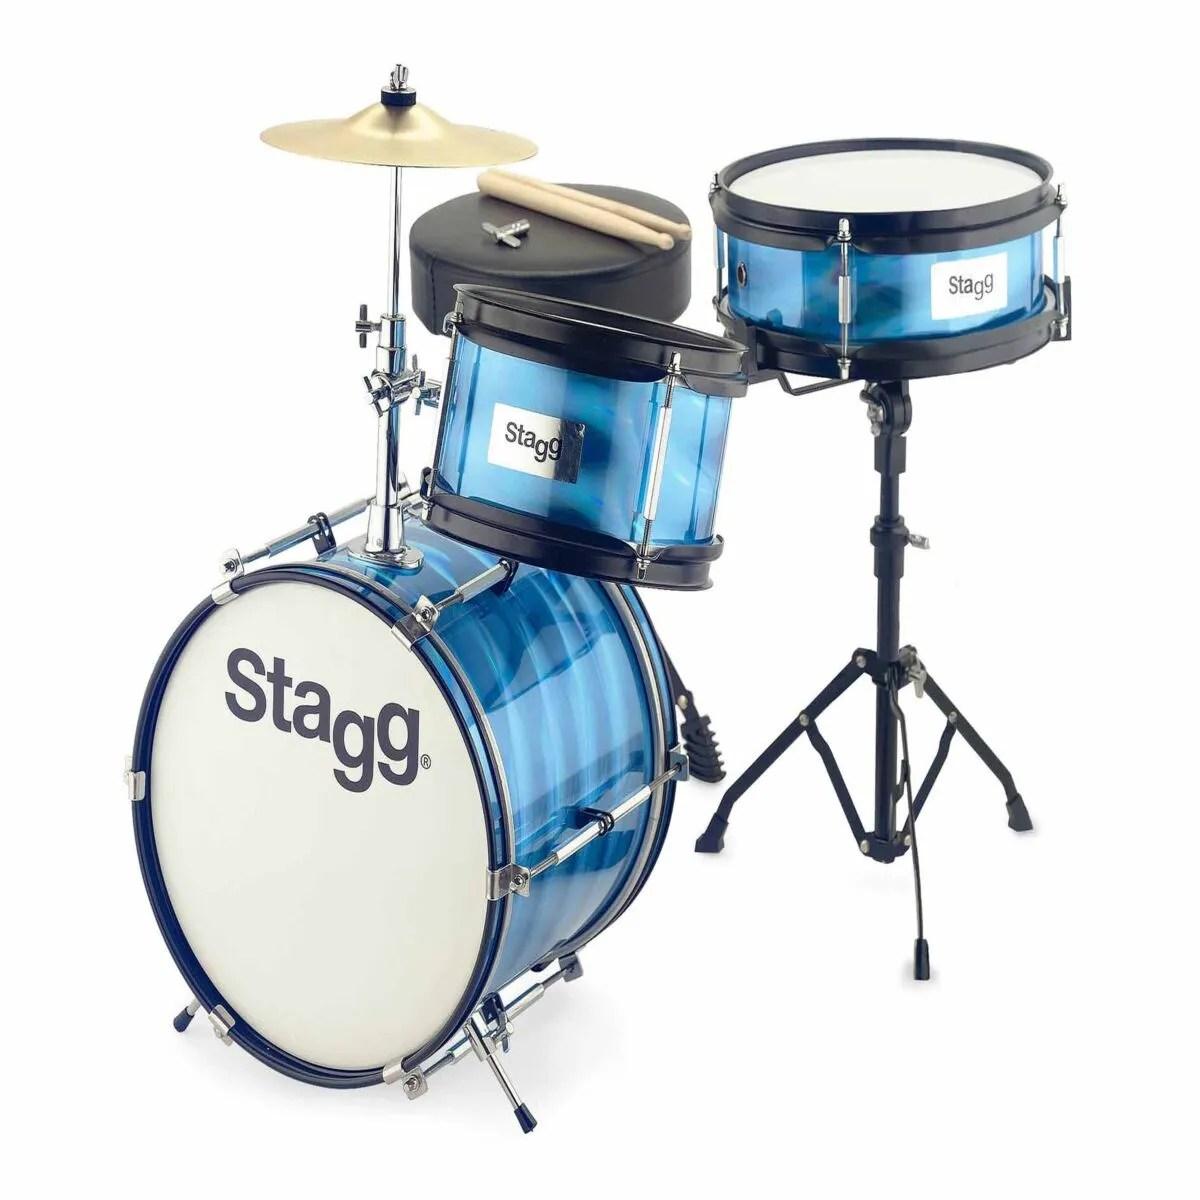 stagg junior 3 piece drum set